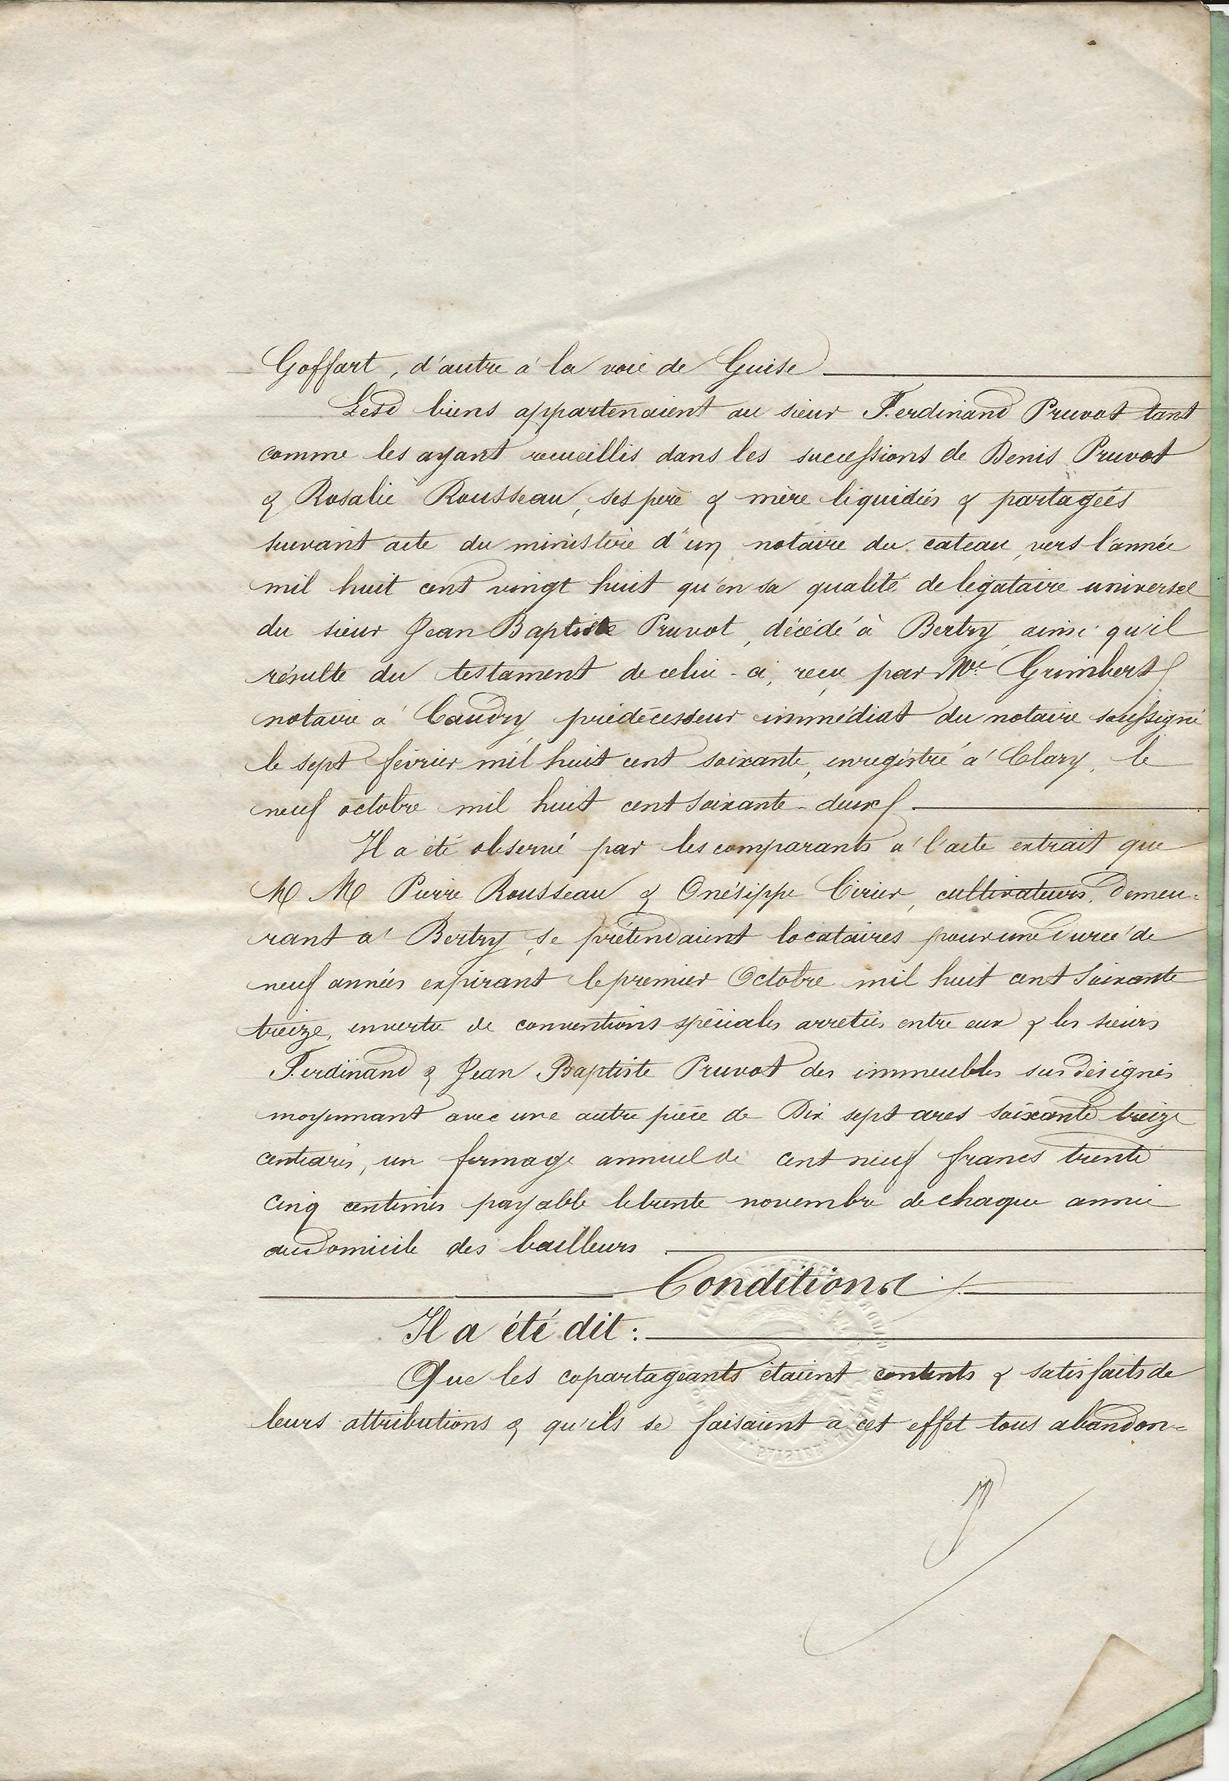 1864 succession partage de ferdinant pruvot 003